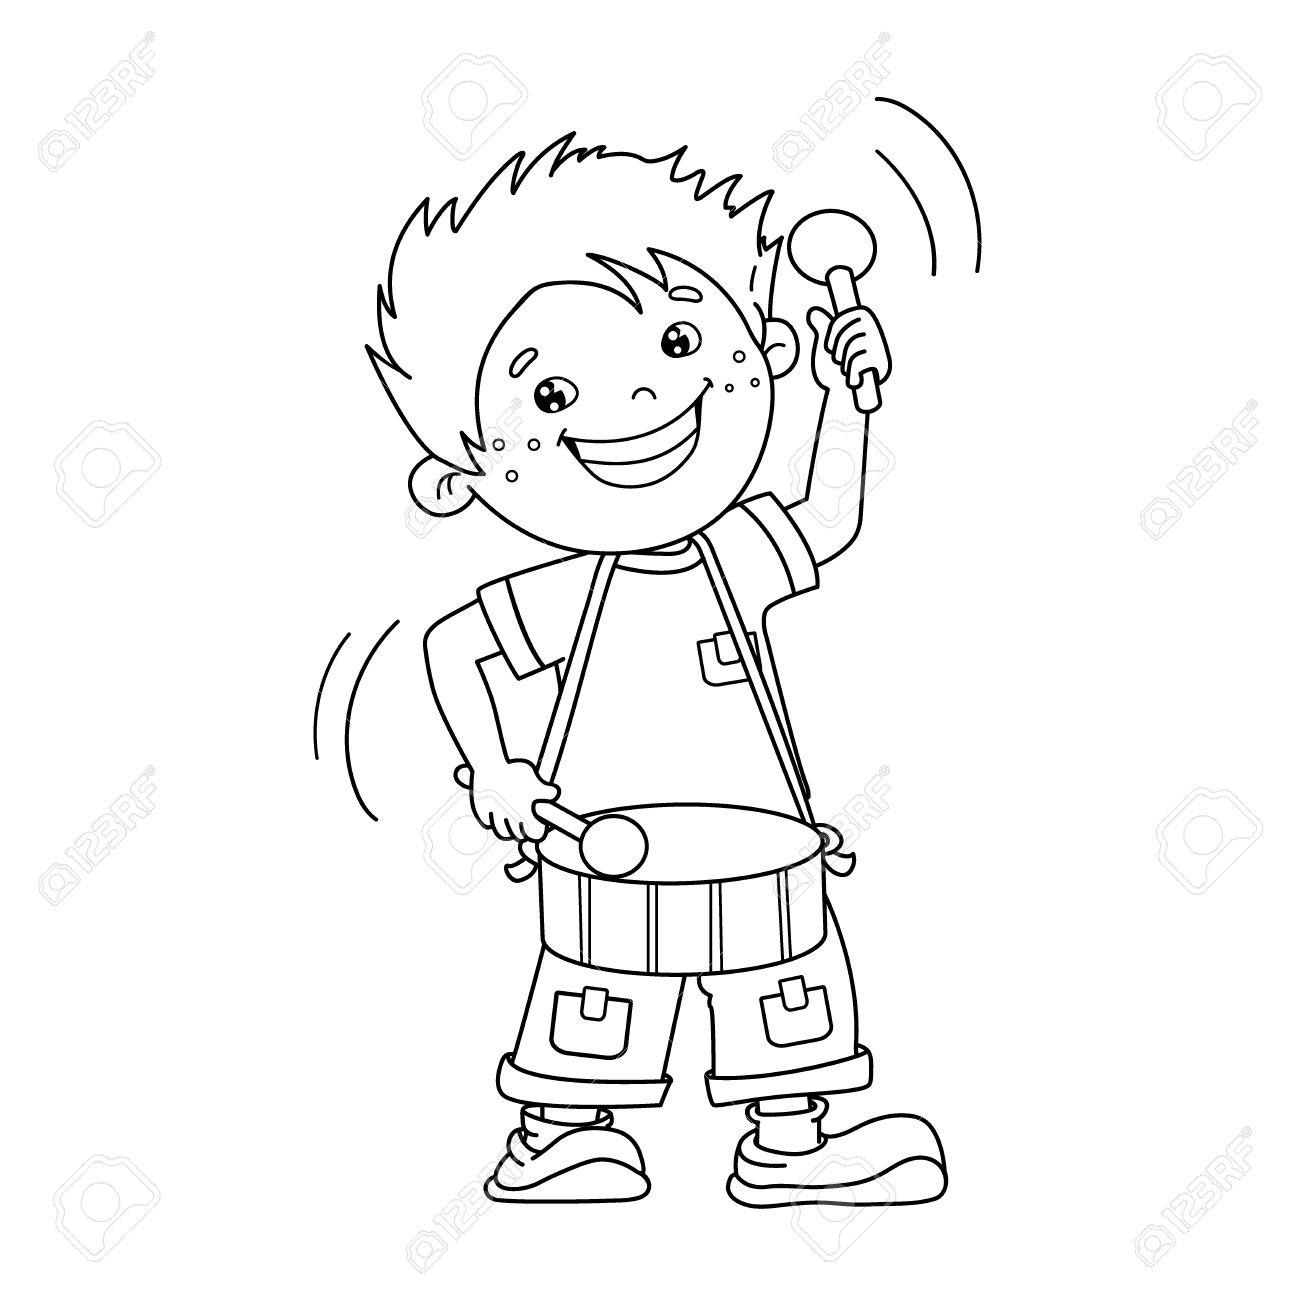 Página Para Colorear Esquema De Niño De Dibujos Animados Tocando El Tambor Instrumentos Musicales Libro De Colorear Para Niños